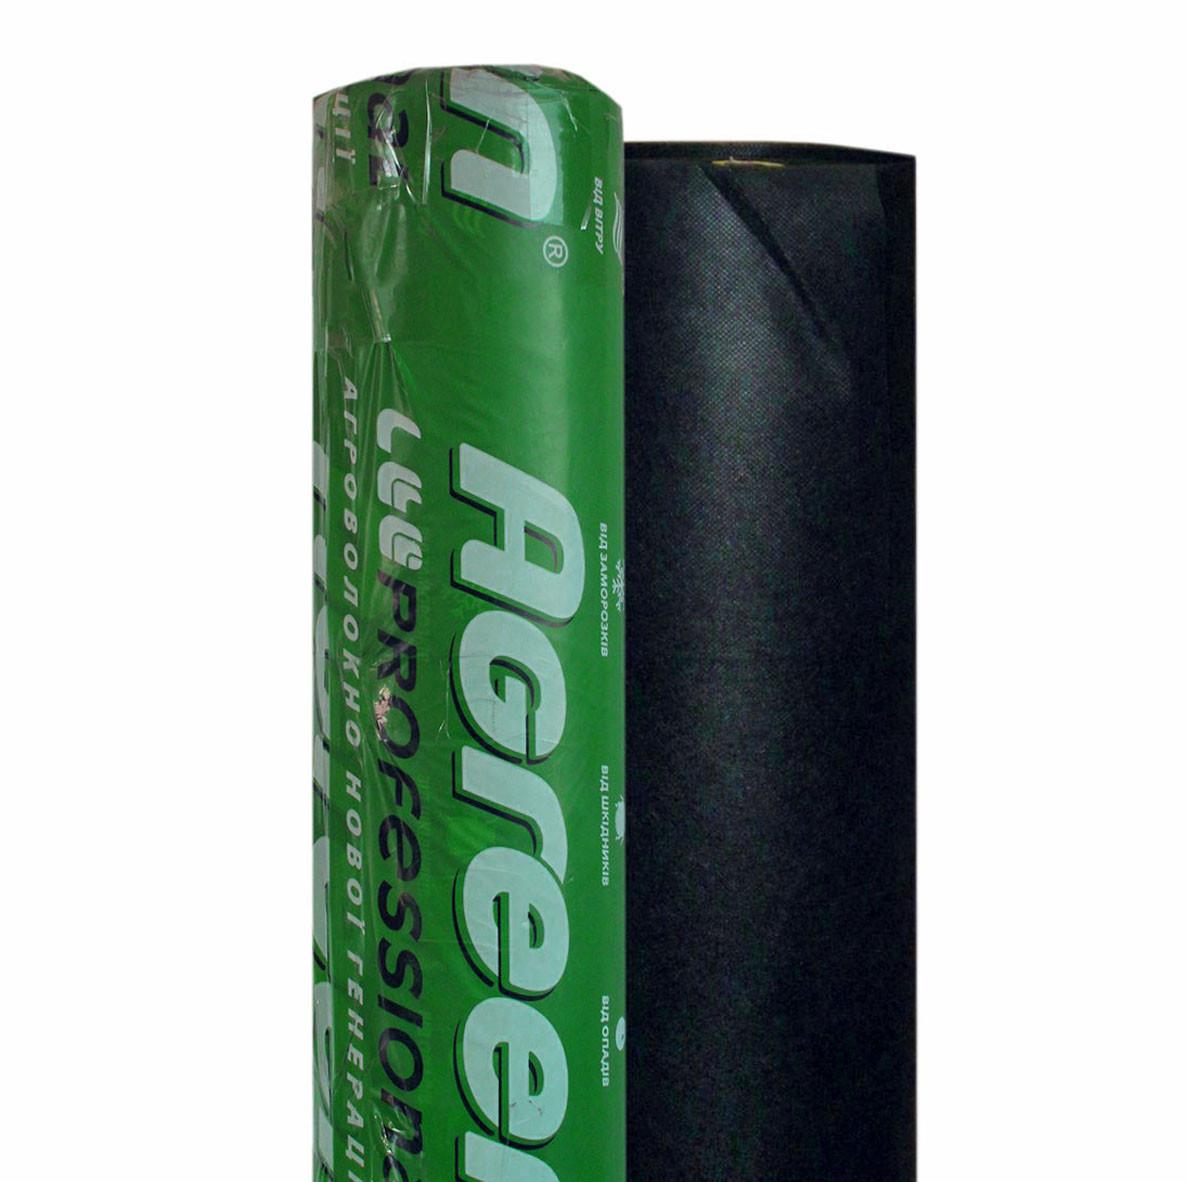 Агроволокно  50 - (3.2м х 100мп) черное в рулоне Agreen